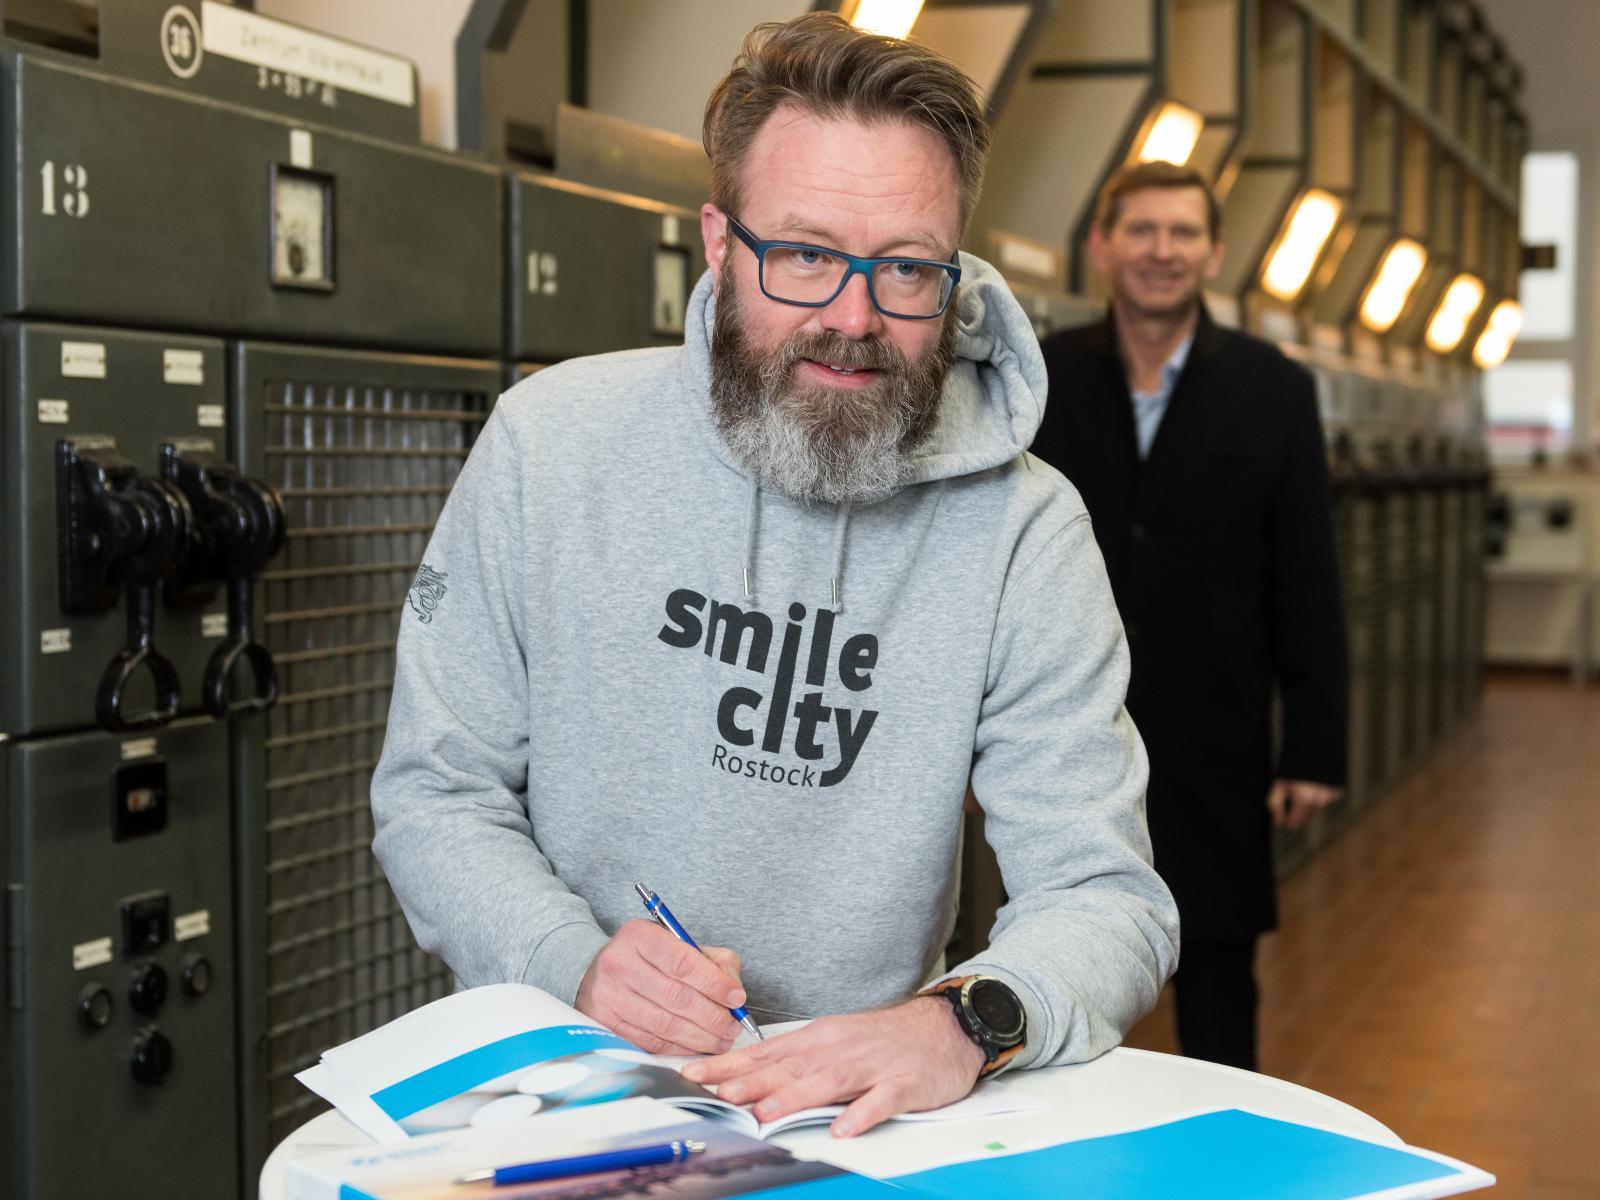 Oberbürgermeister Claus Ruhe Madsen bei der Unterzeichnung. Foto: Margit Wild